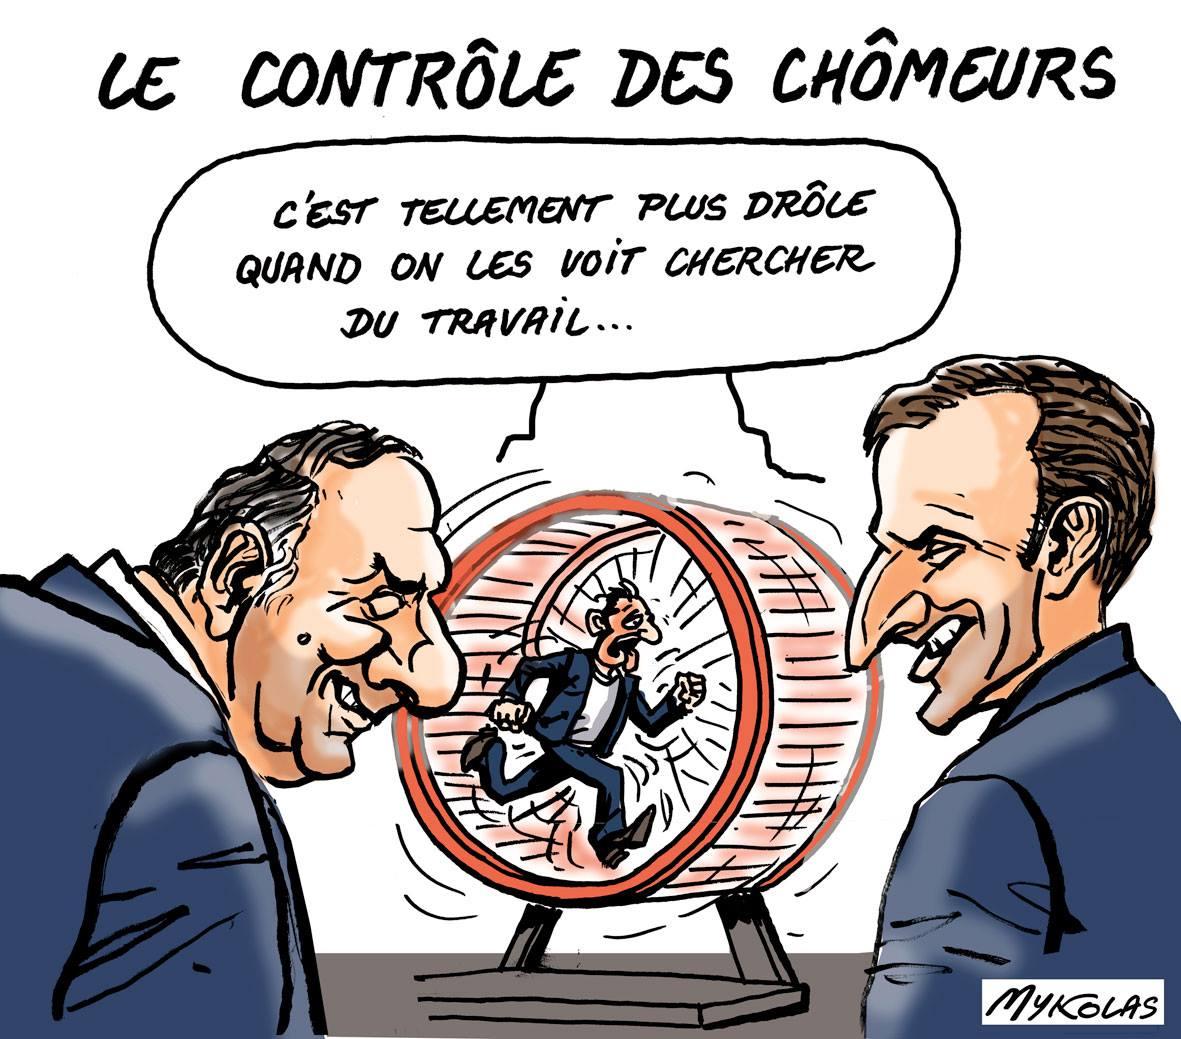 dessin humoristique d'Emmanuel Gattaz et de Pierre Macron en train de regarder un chômeur chercher du travail